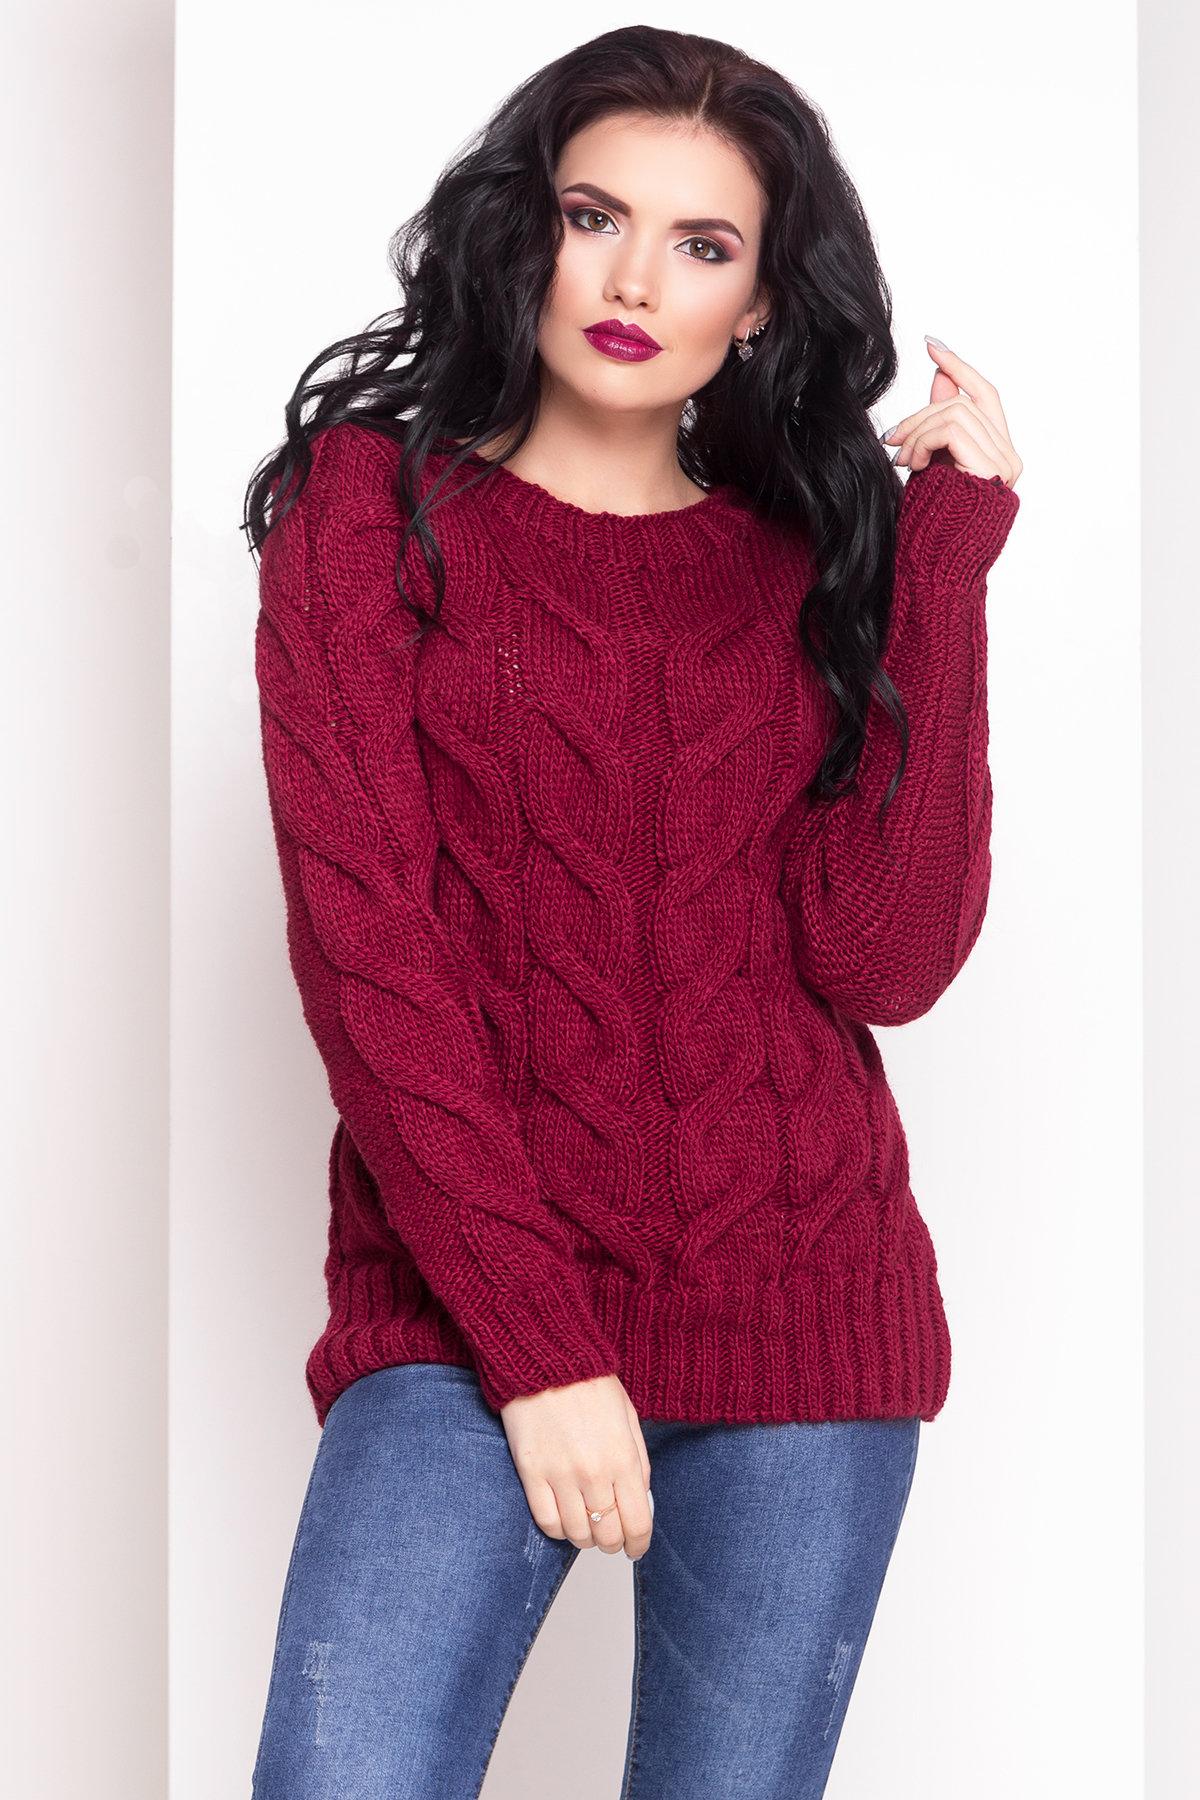 купить свитер лало 2 оптом в россии цвет бордо